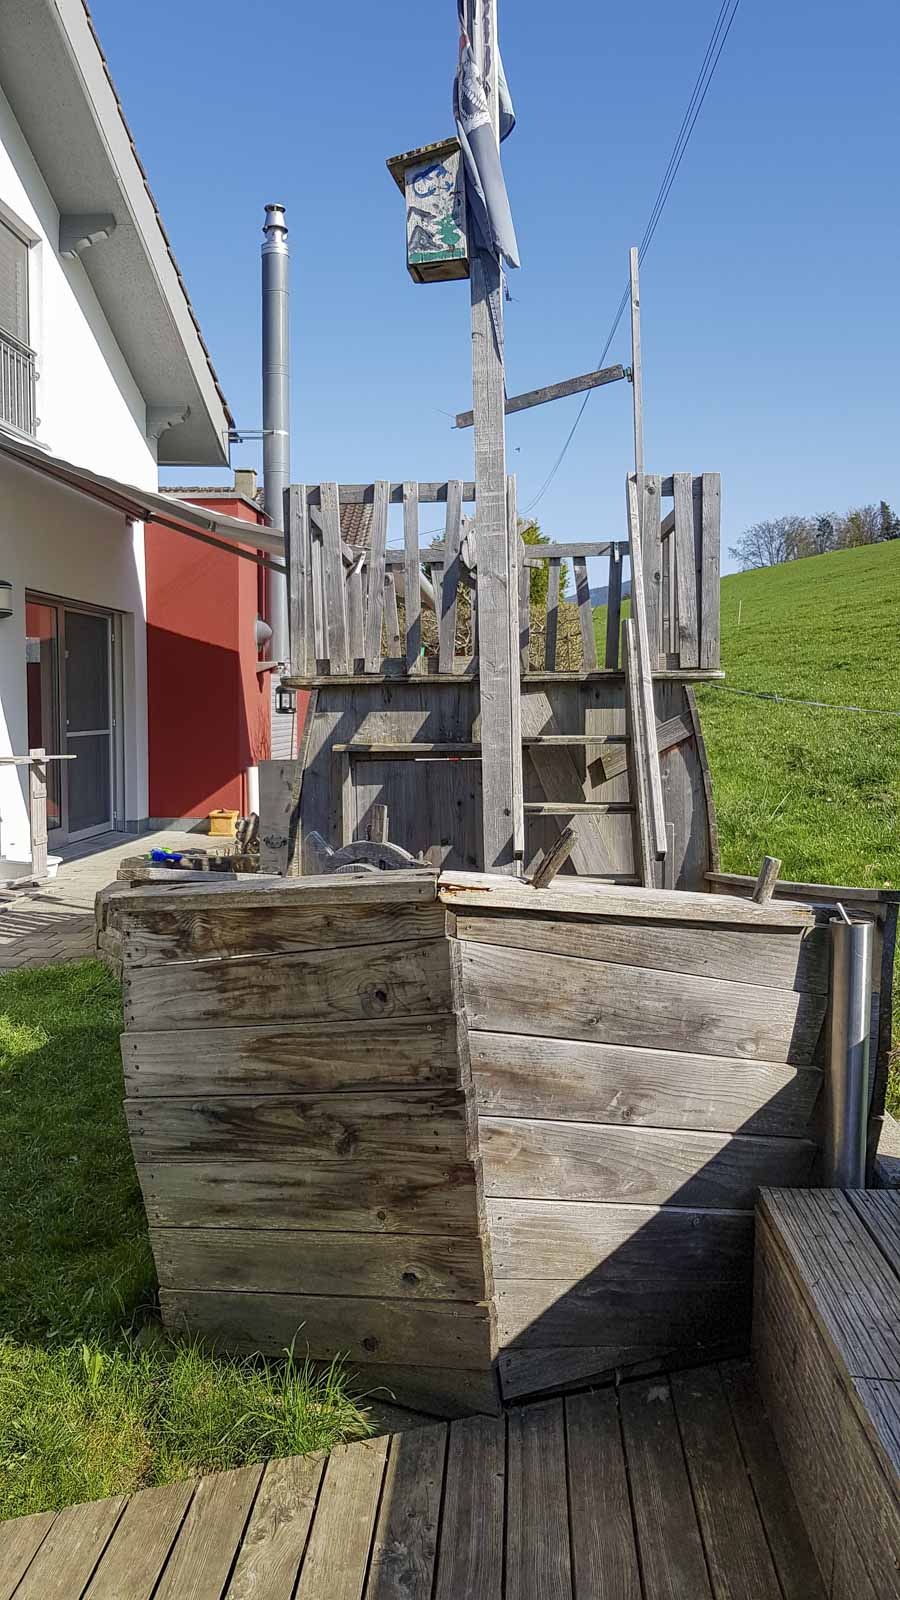 Wooddesign_Terrassengestaltung_Spielplatz_Piratenschiff_Naturholz_Lärchenholz vergraut (6)